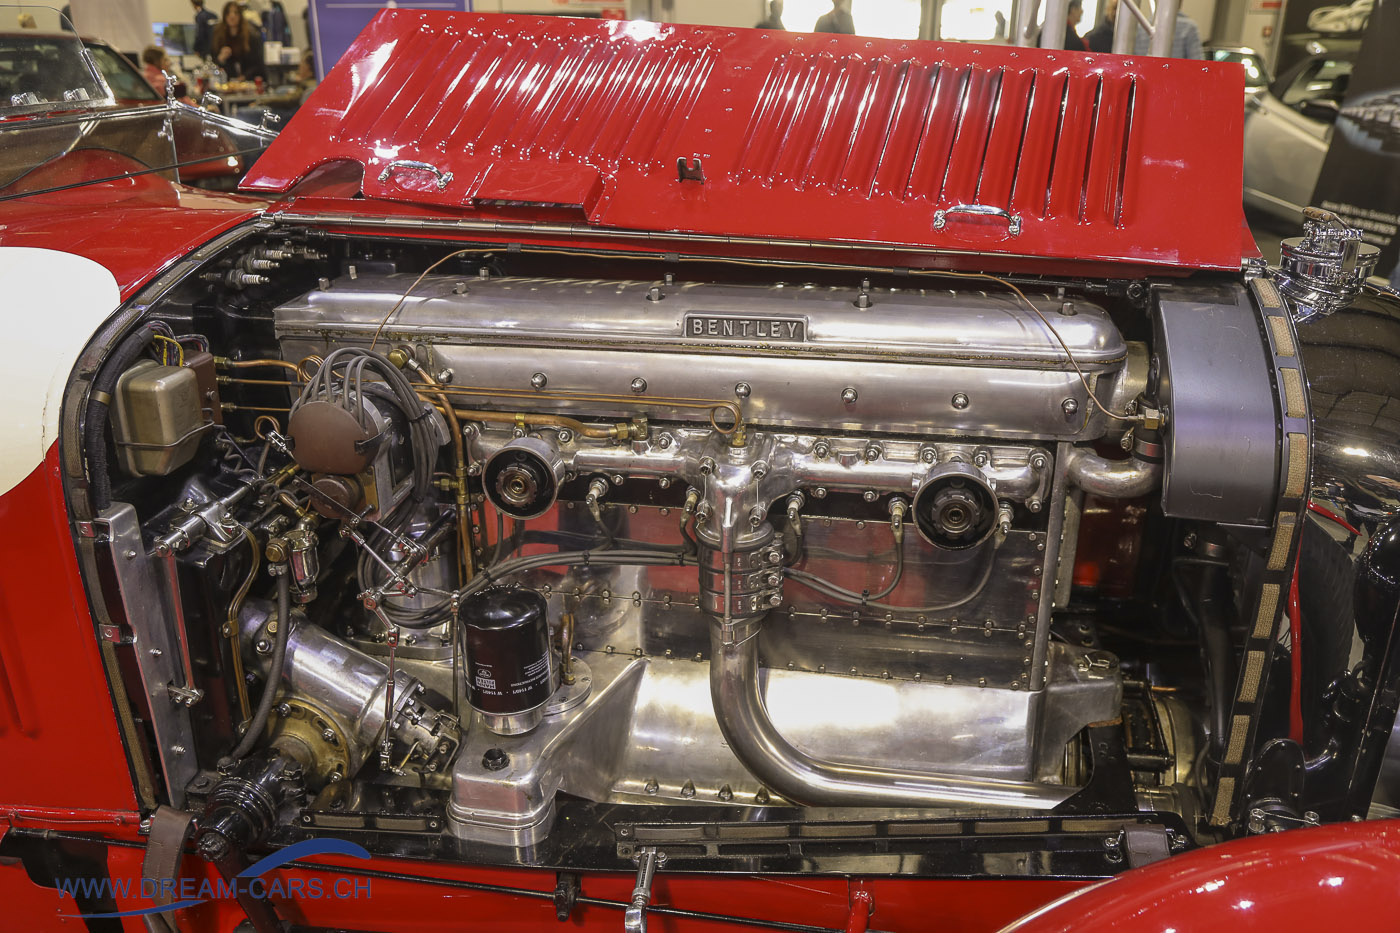 Ein Kunstwerk ist der 8 Liter-Motor mit Kompressor des Bentleys